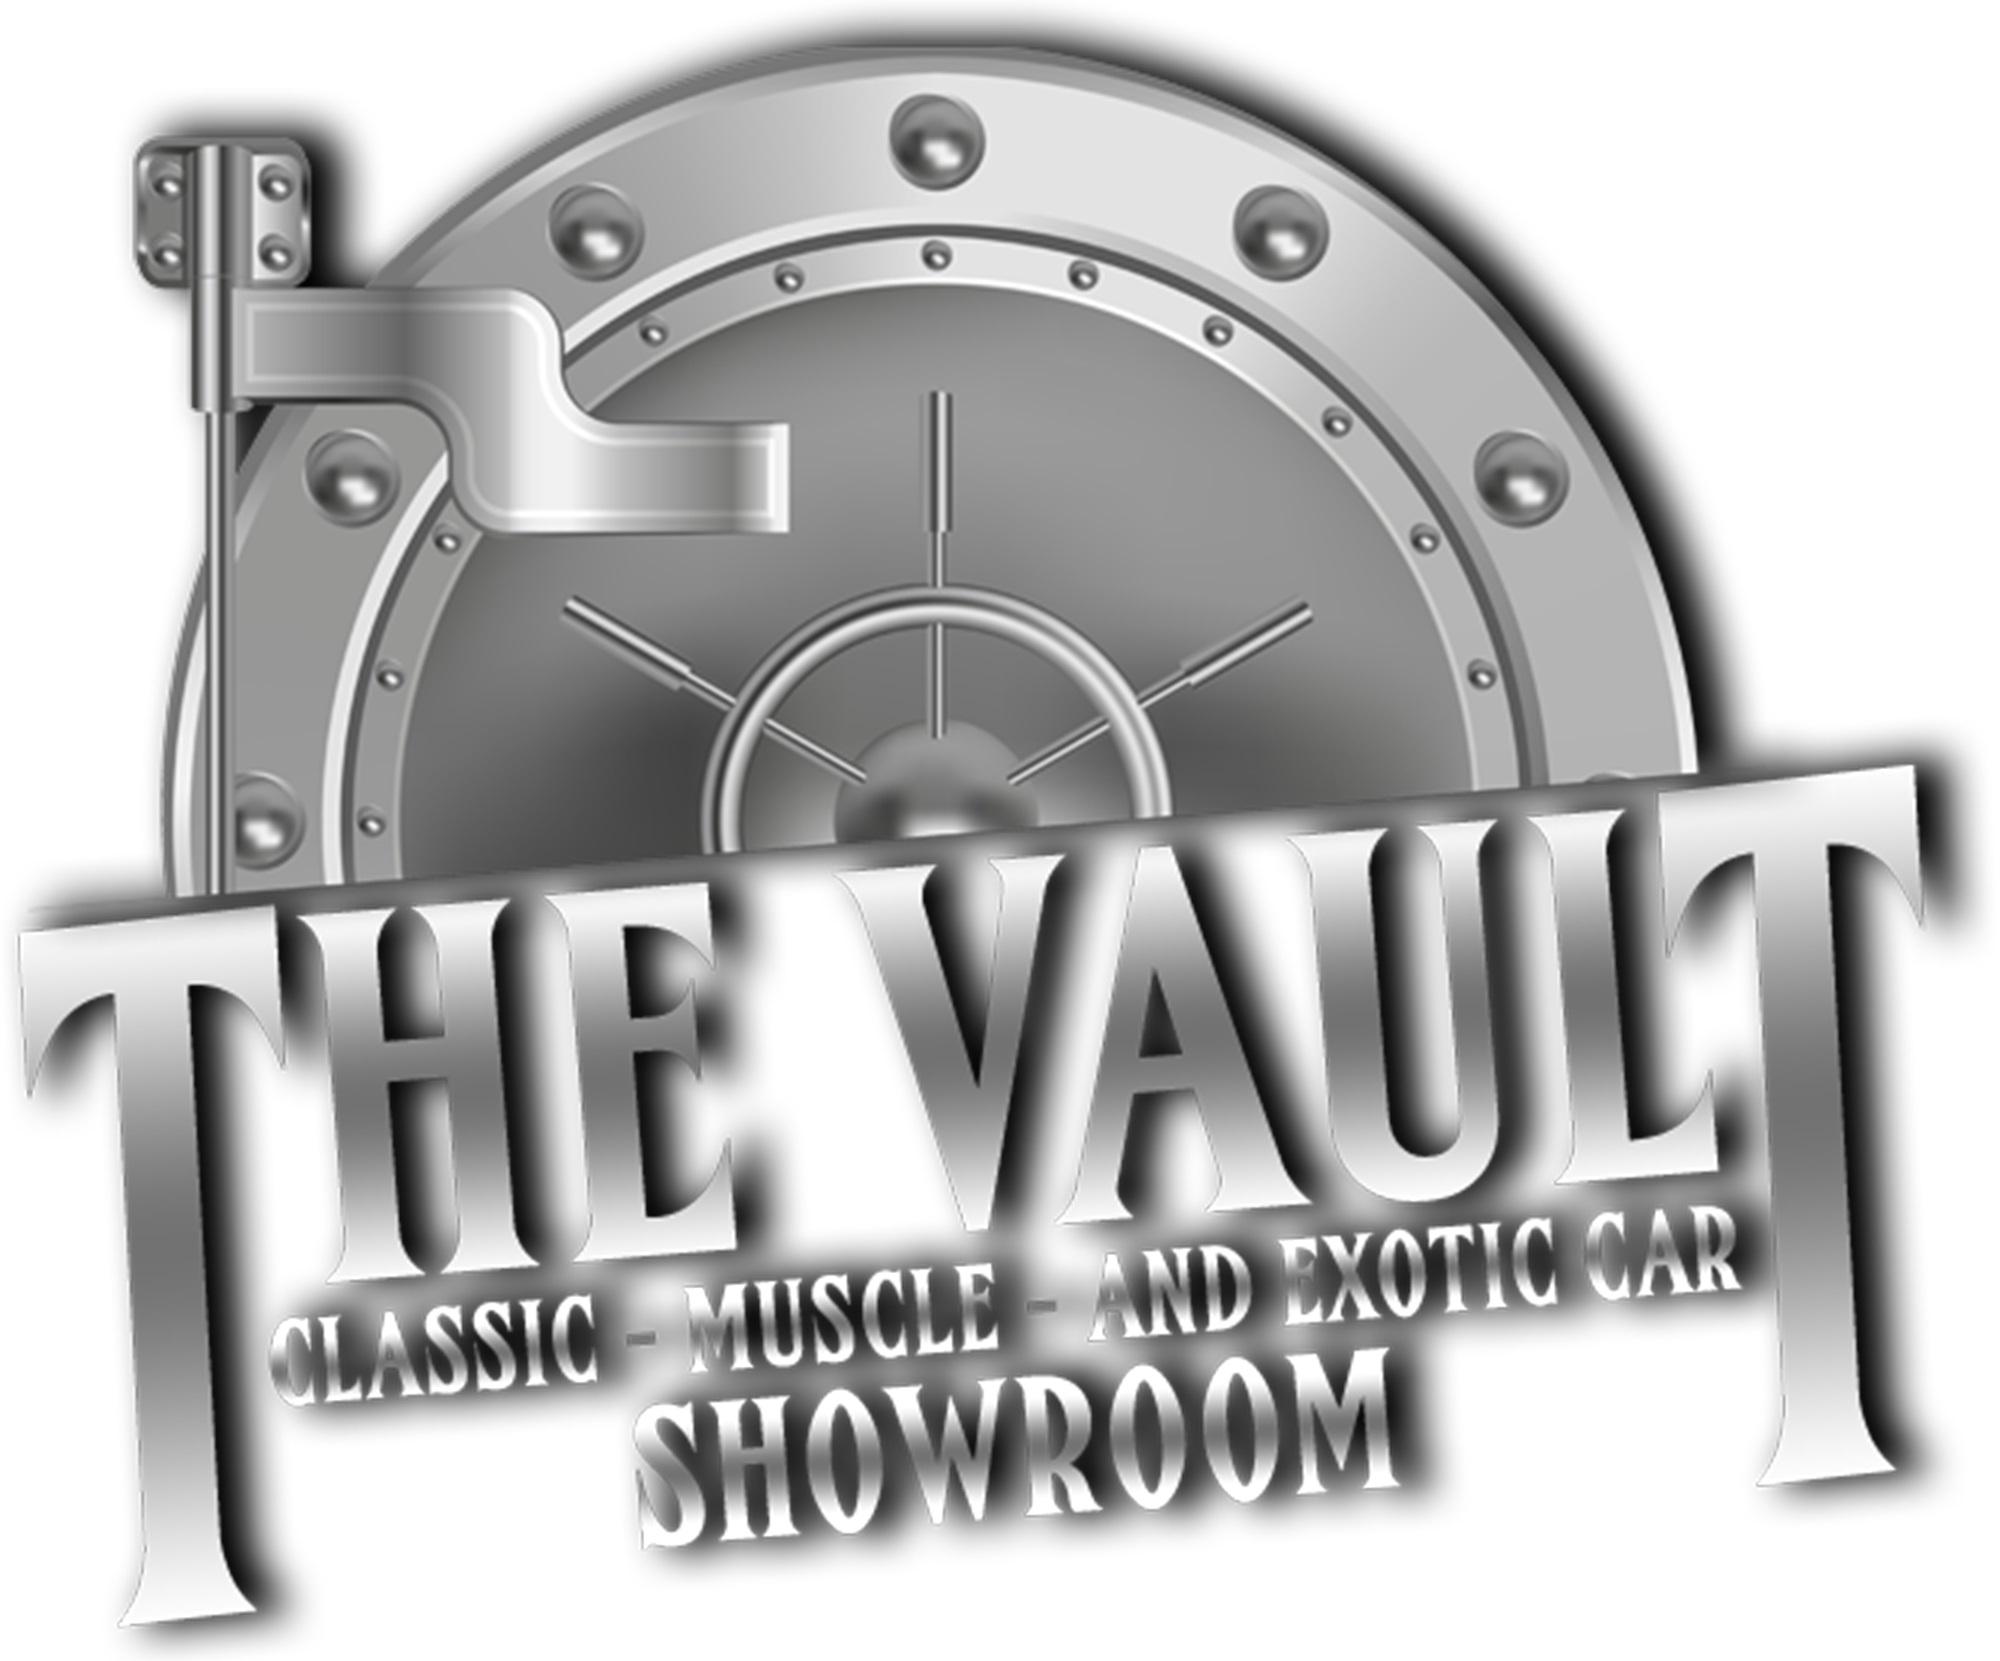 The VaultMS.com